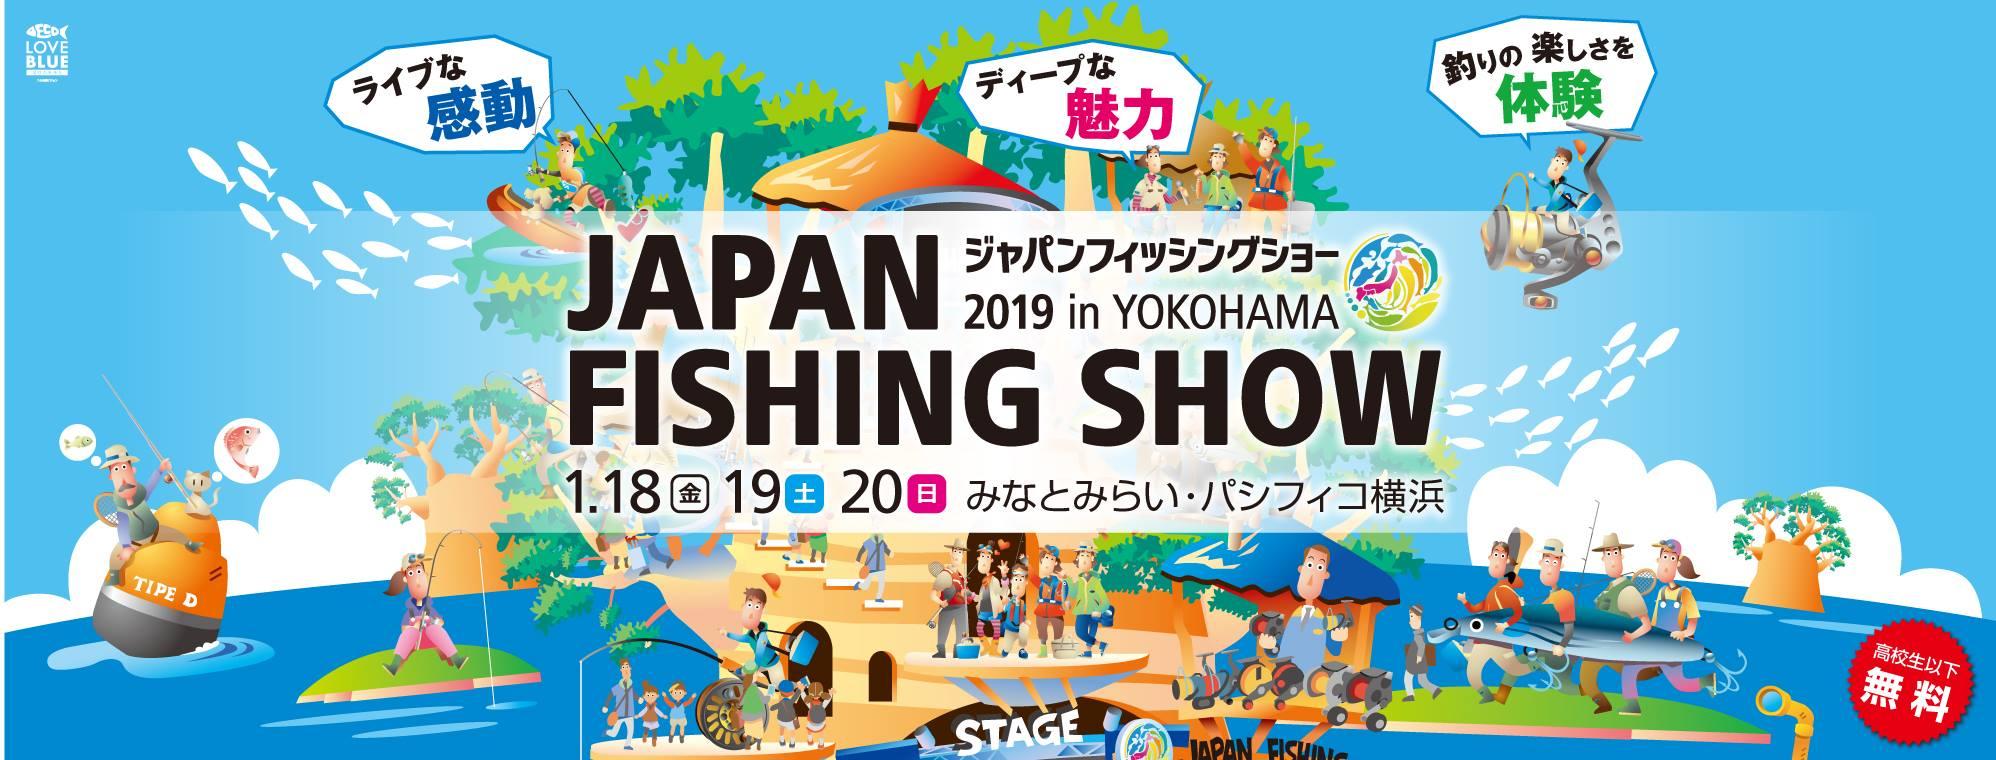 ジャパンフィッシングショー2019 ‒ in YOKOHAMA ‒に出店します!